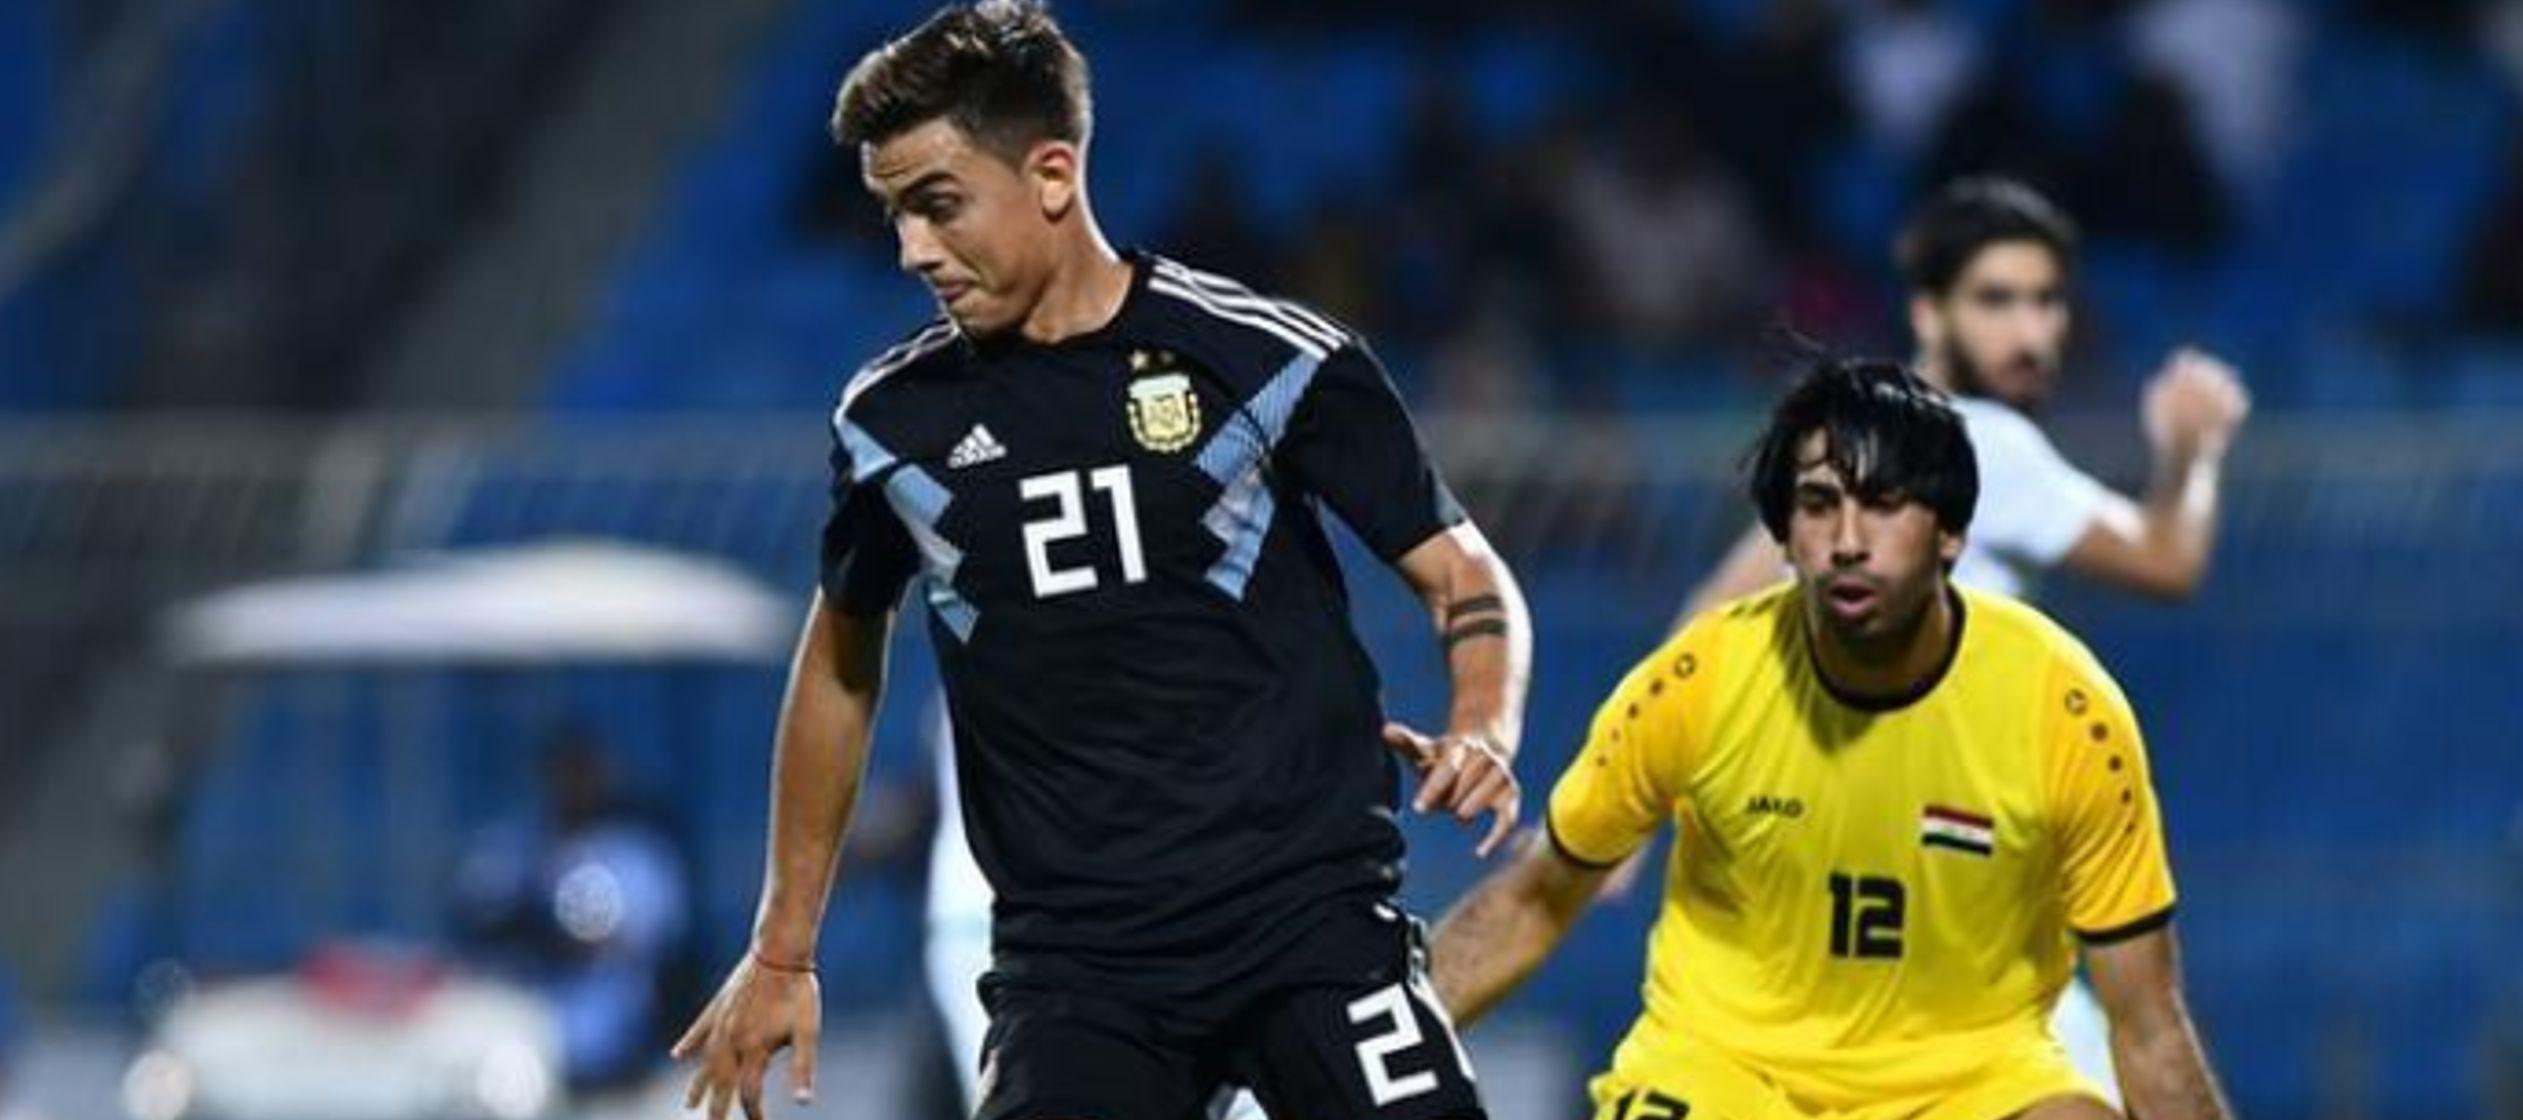 Lautaro Martínez, Roberto Pereyra, Germán Pezzella y Franco Cervi, cuatro futbolistas...